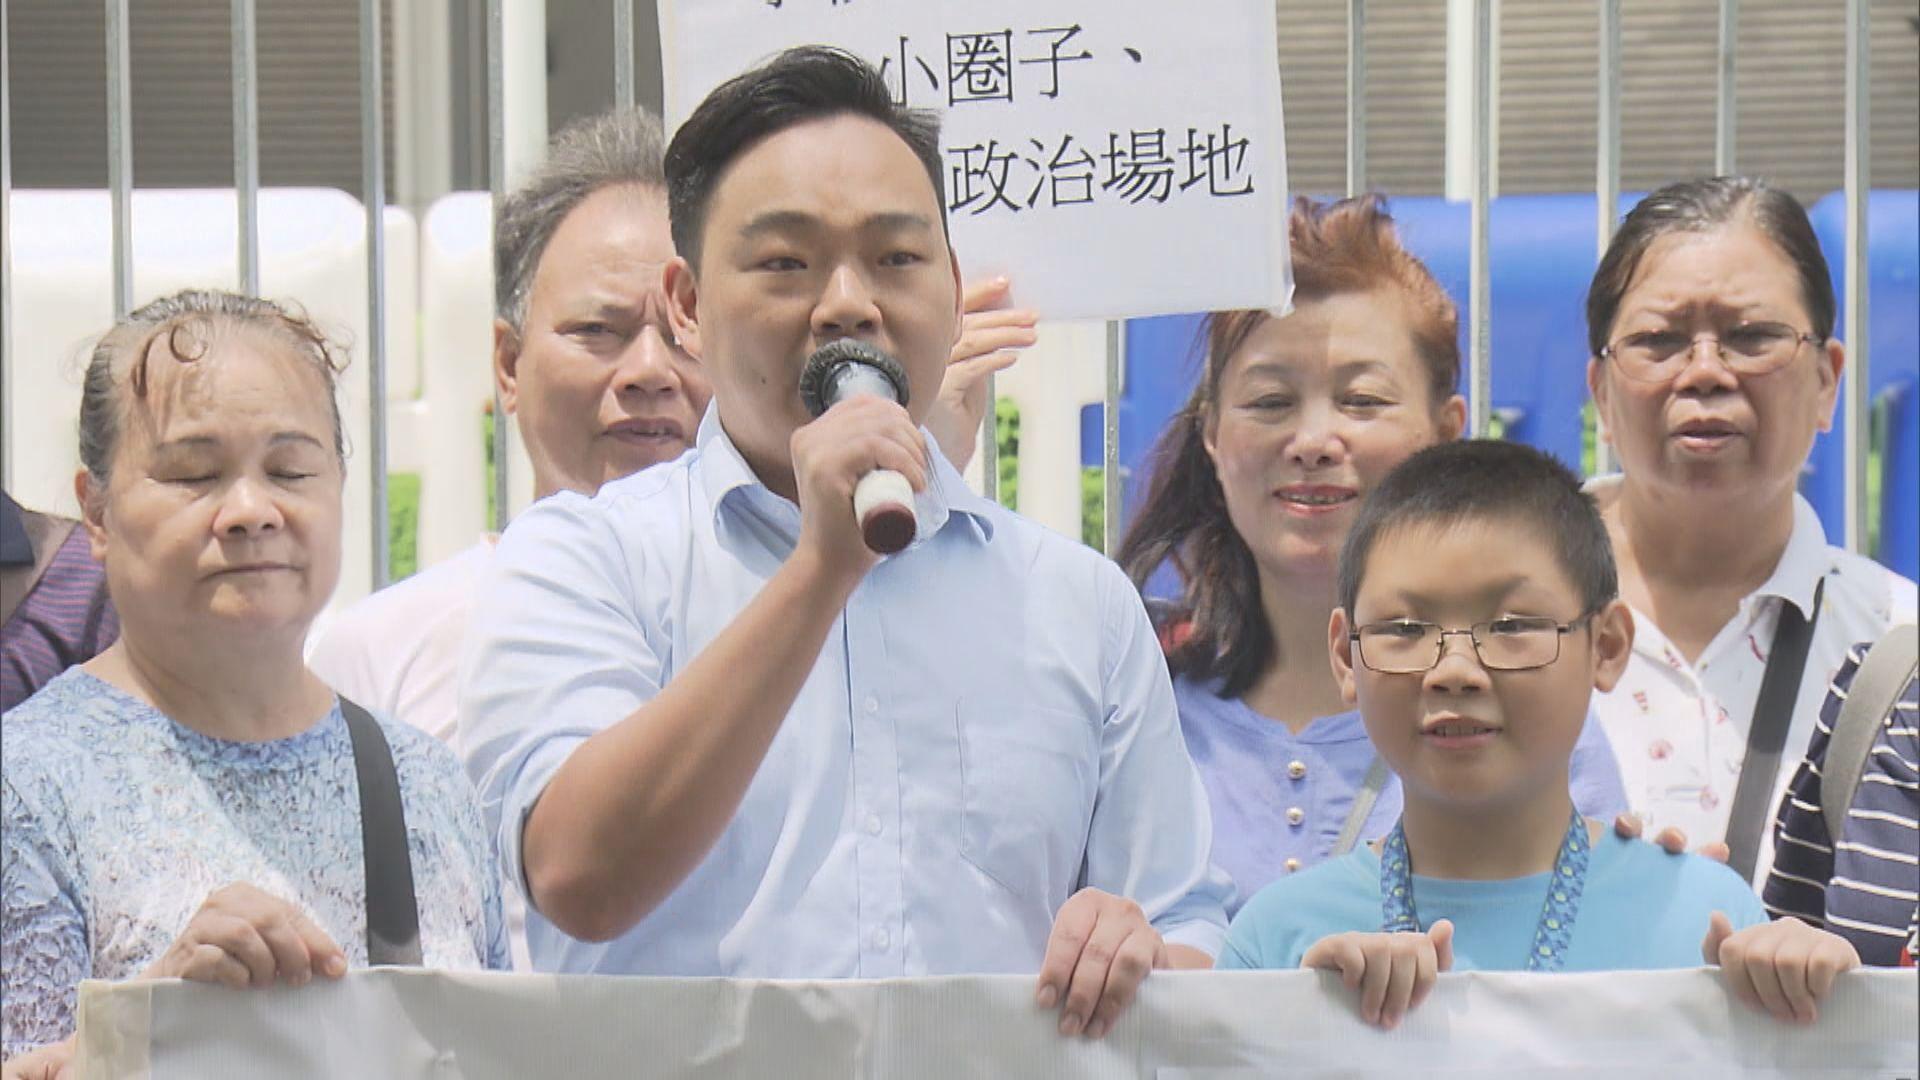 十多名家長促教育局懲處罷課學校及教師